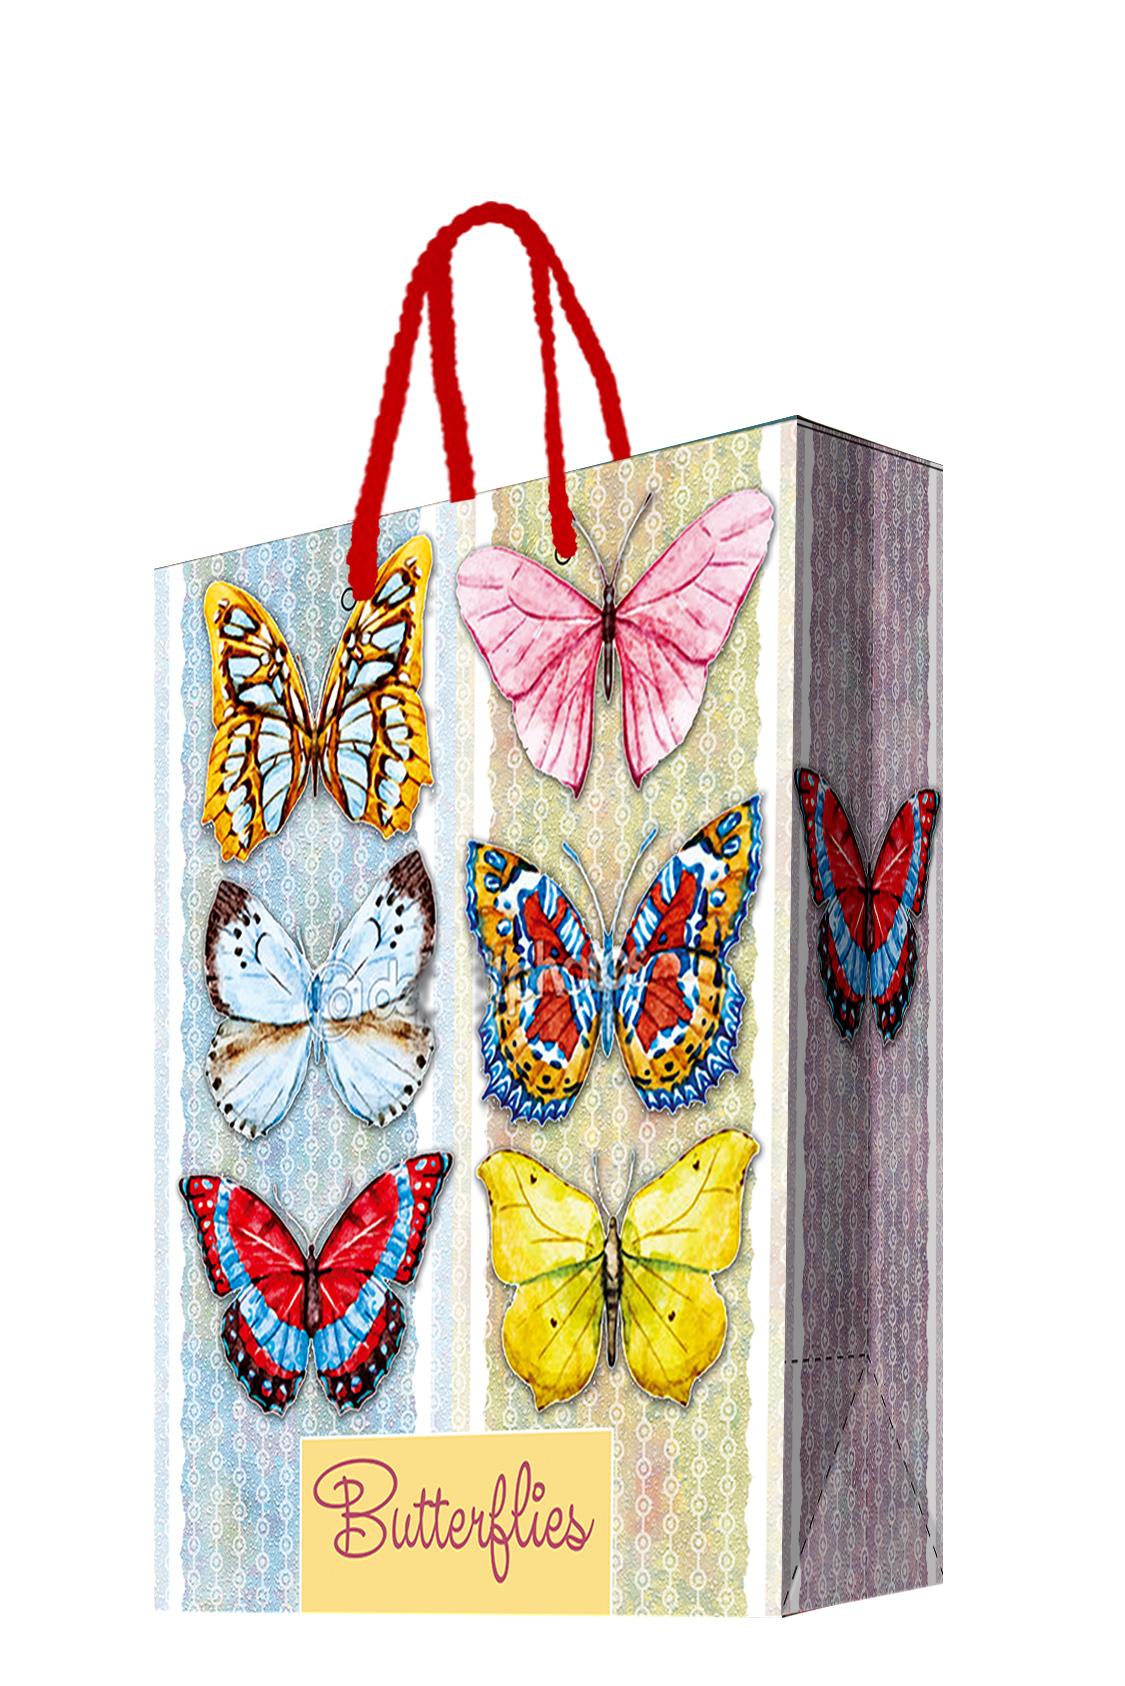 Пакет подарочный Magic Home Тропические бабочки, 17,8 х 22,9 х 9,8 см44183Подарочный пакет Magic Home, изготовленный из плотной бумаги, станет незаменимым дополнением к выбранному подарку. Дно изделия укреплено картоном, который позволяет сохранить форму пакета и исключает возможность деформации дна под тяжестью подарка. Пакет выполнен с глянцевой ламинацией, что придает ему прочность, а изображению - яркость и насыщенность цветов. Для удобной переноски имеются две ручки в виде шнурков.Подарок, преподнесенный в оригинальной упаковке, всегда будет самым эффектным и запоминающимся. Окружите близких людей вниманием и заботой, вручив презент в нарядном, праздничном оформлении.Плотность бумаги: 140 г/м2.